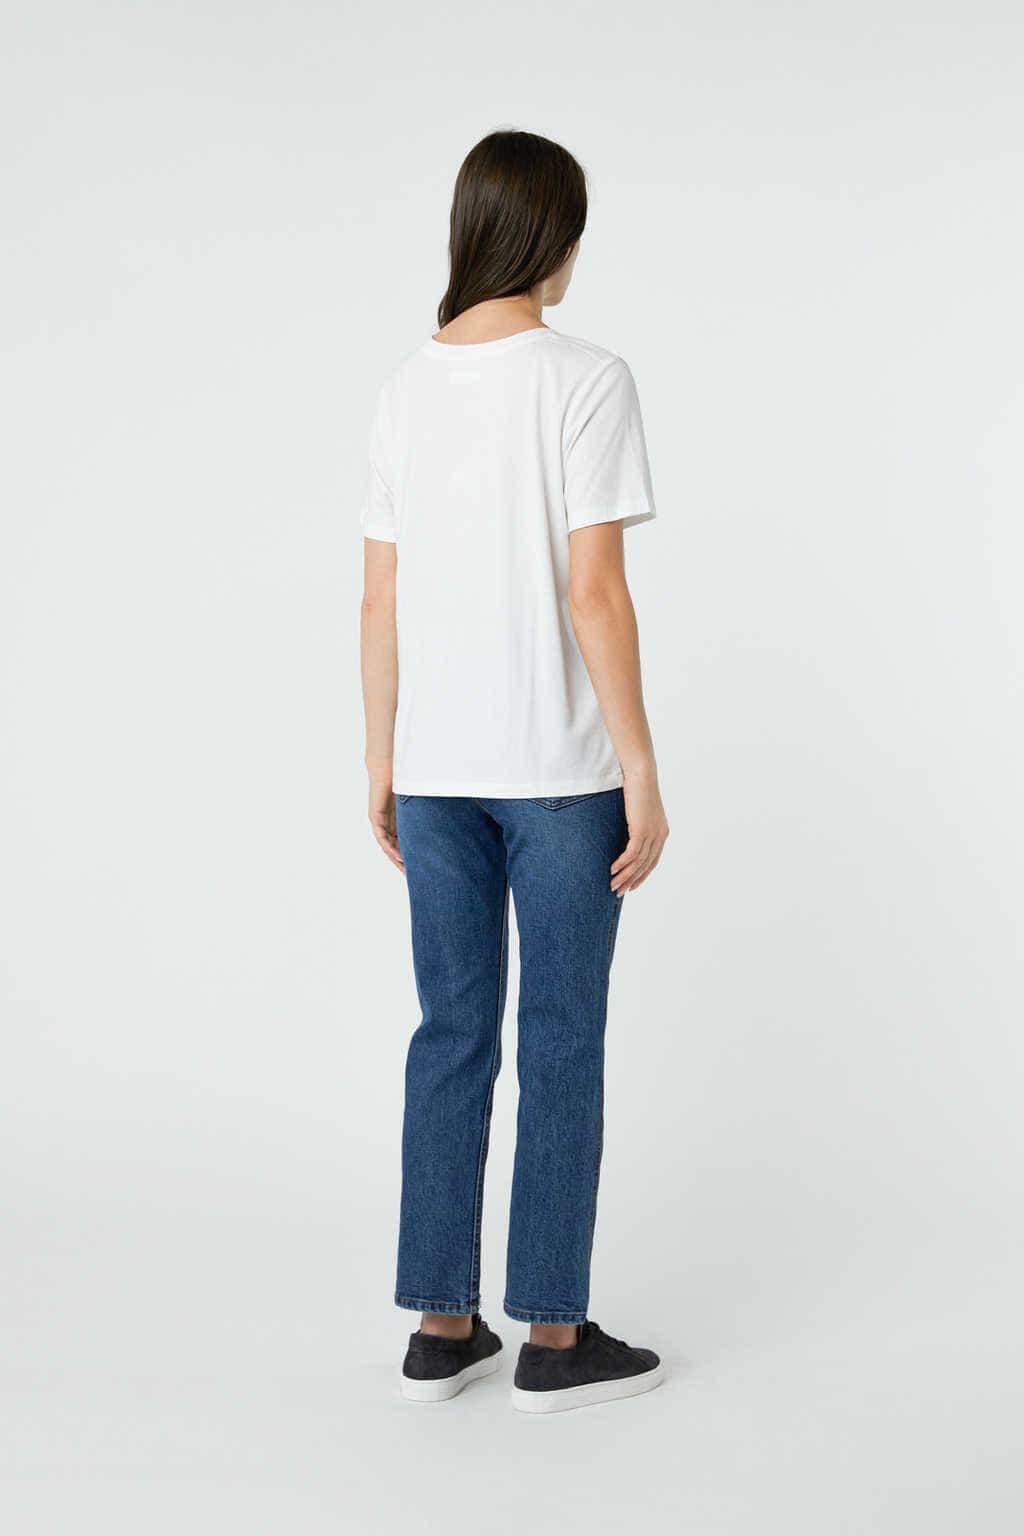 TShirt 2983 White 4